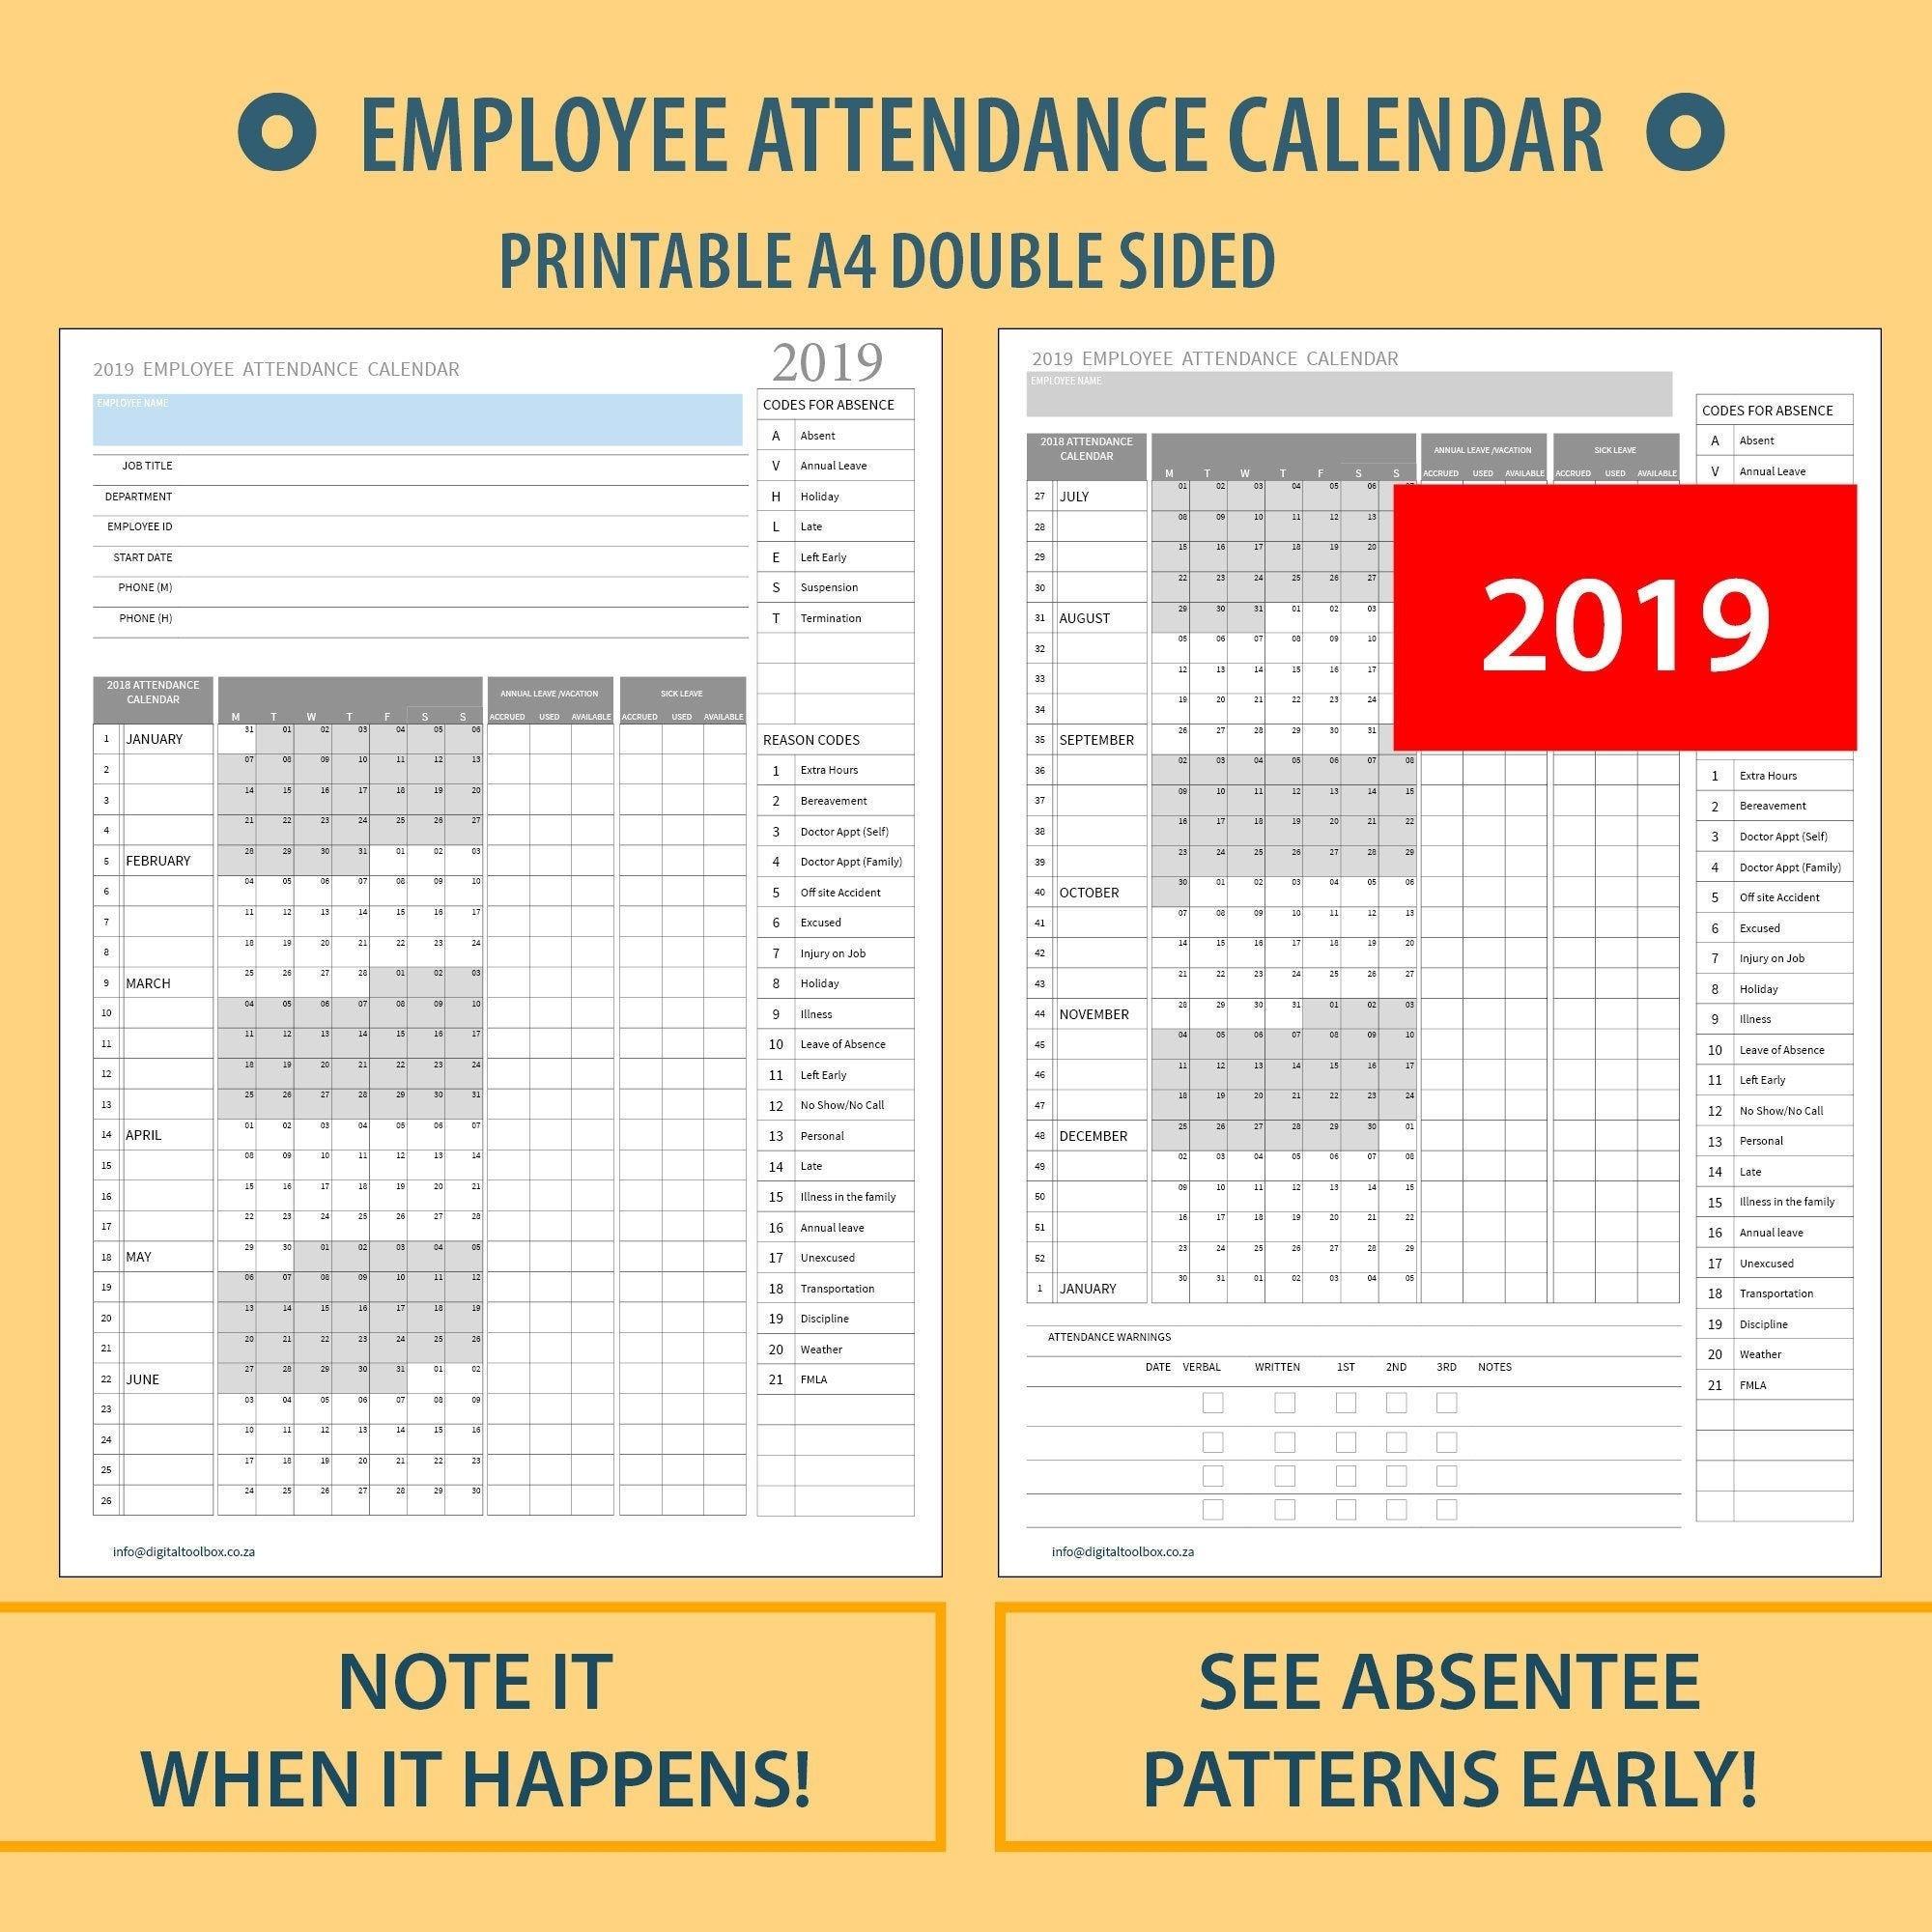 2021 Employee Absentee Calendar Printable - Calendar  Employee Attendance  Calendar Free Printable 2021